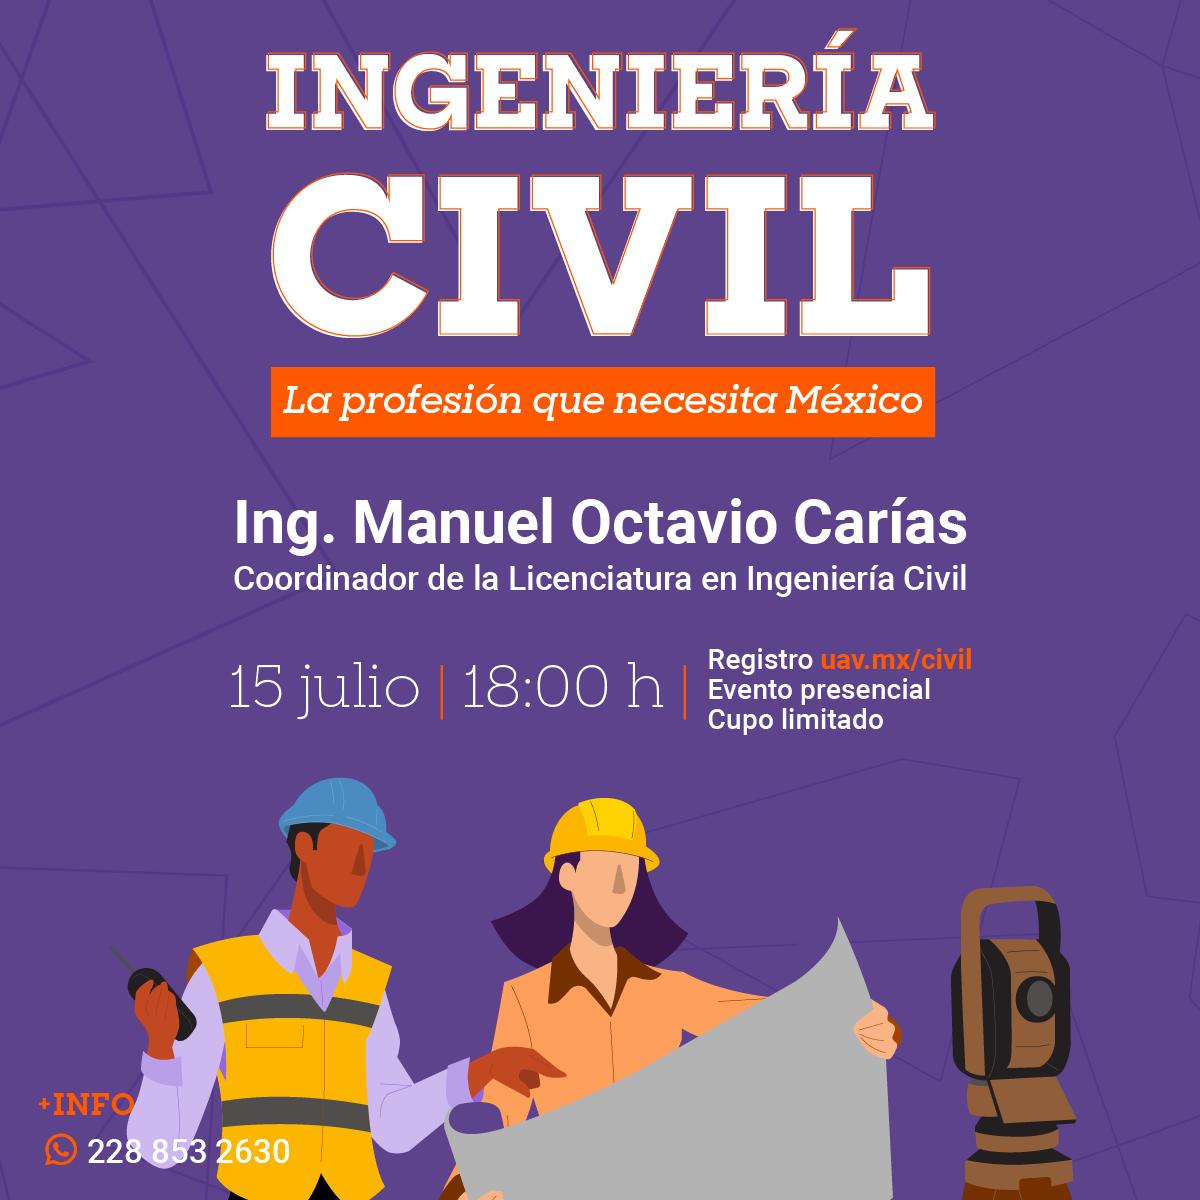 Ingeniería Civil: La Profesión que Necesita México